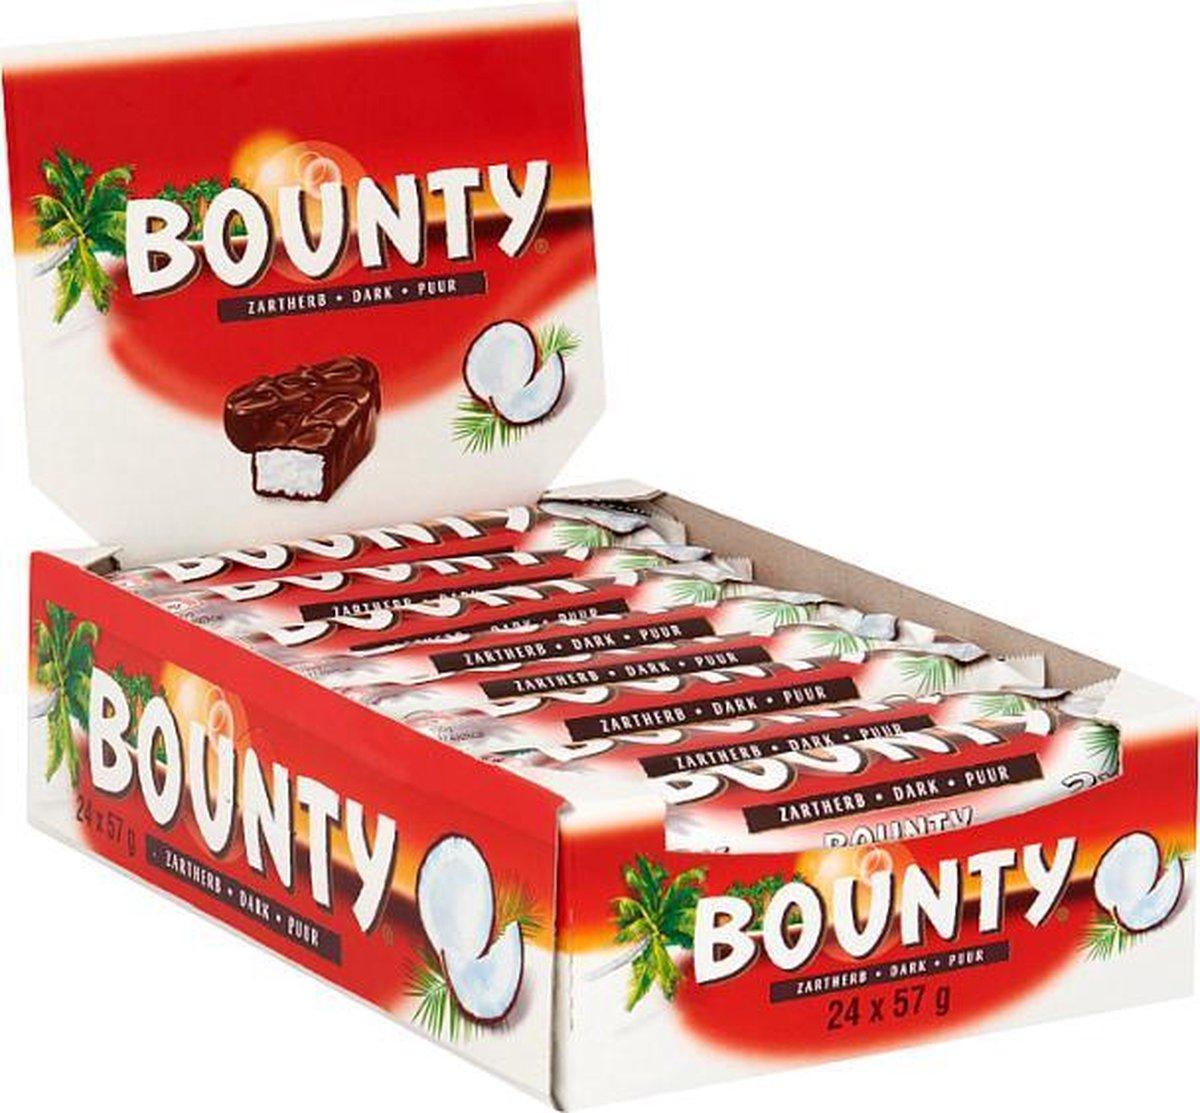 Bounty puur repen - 24 x 57g